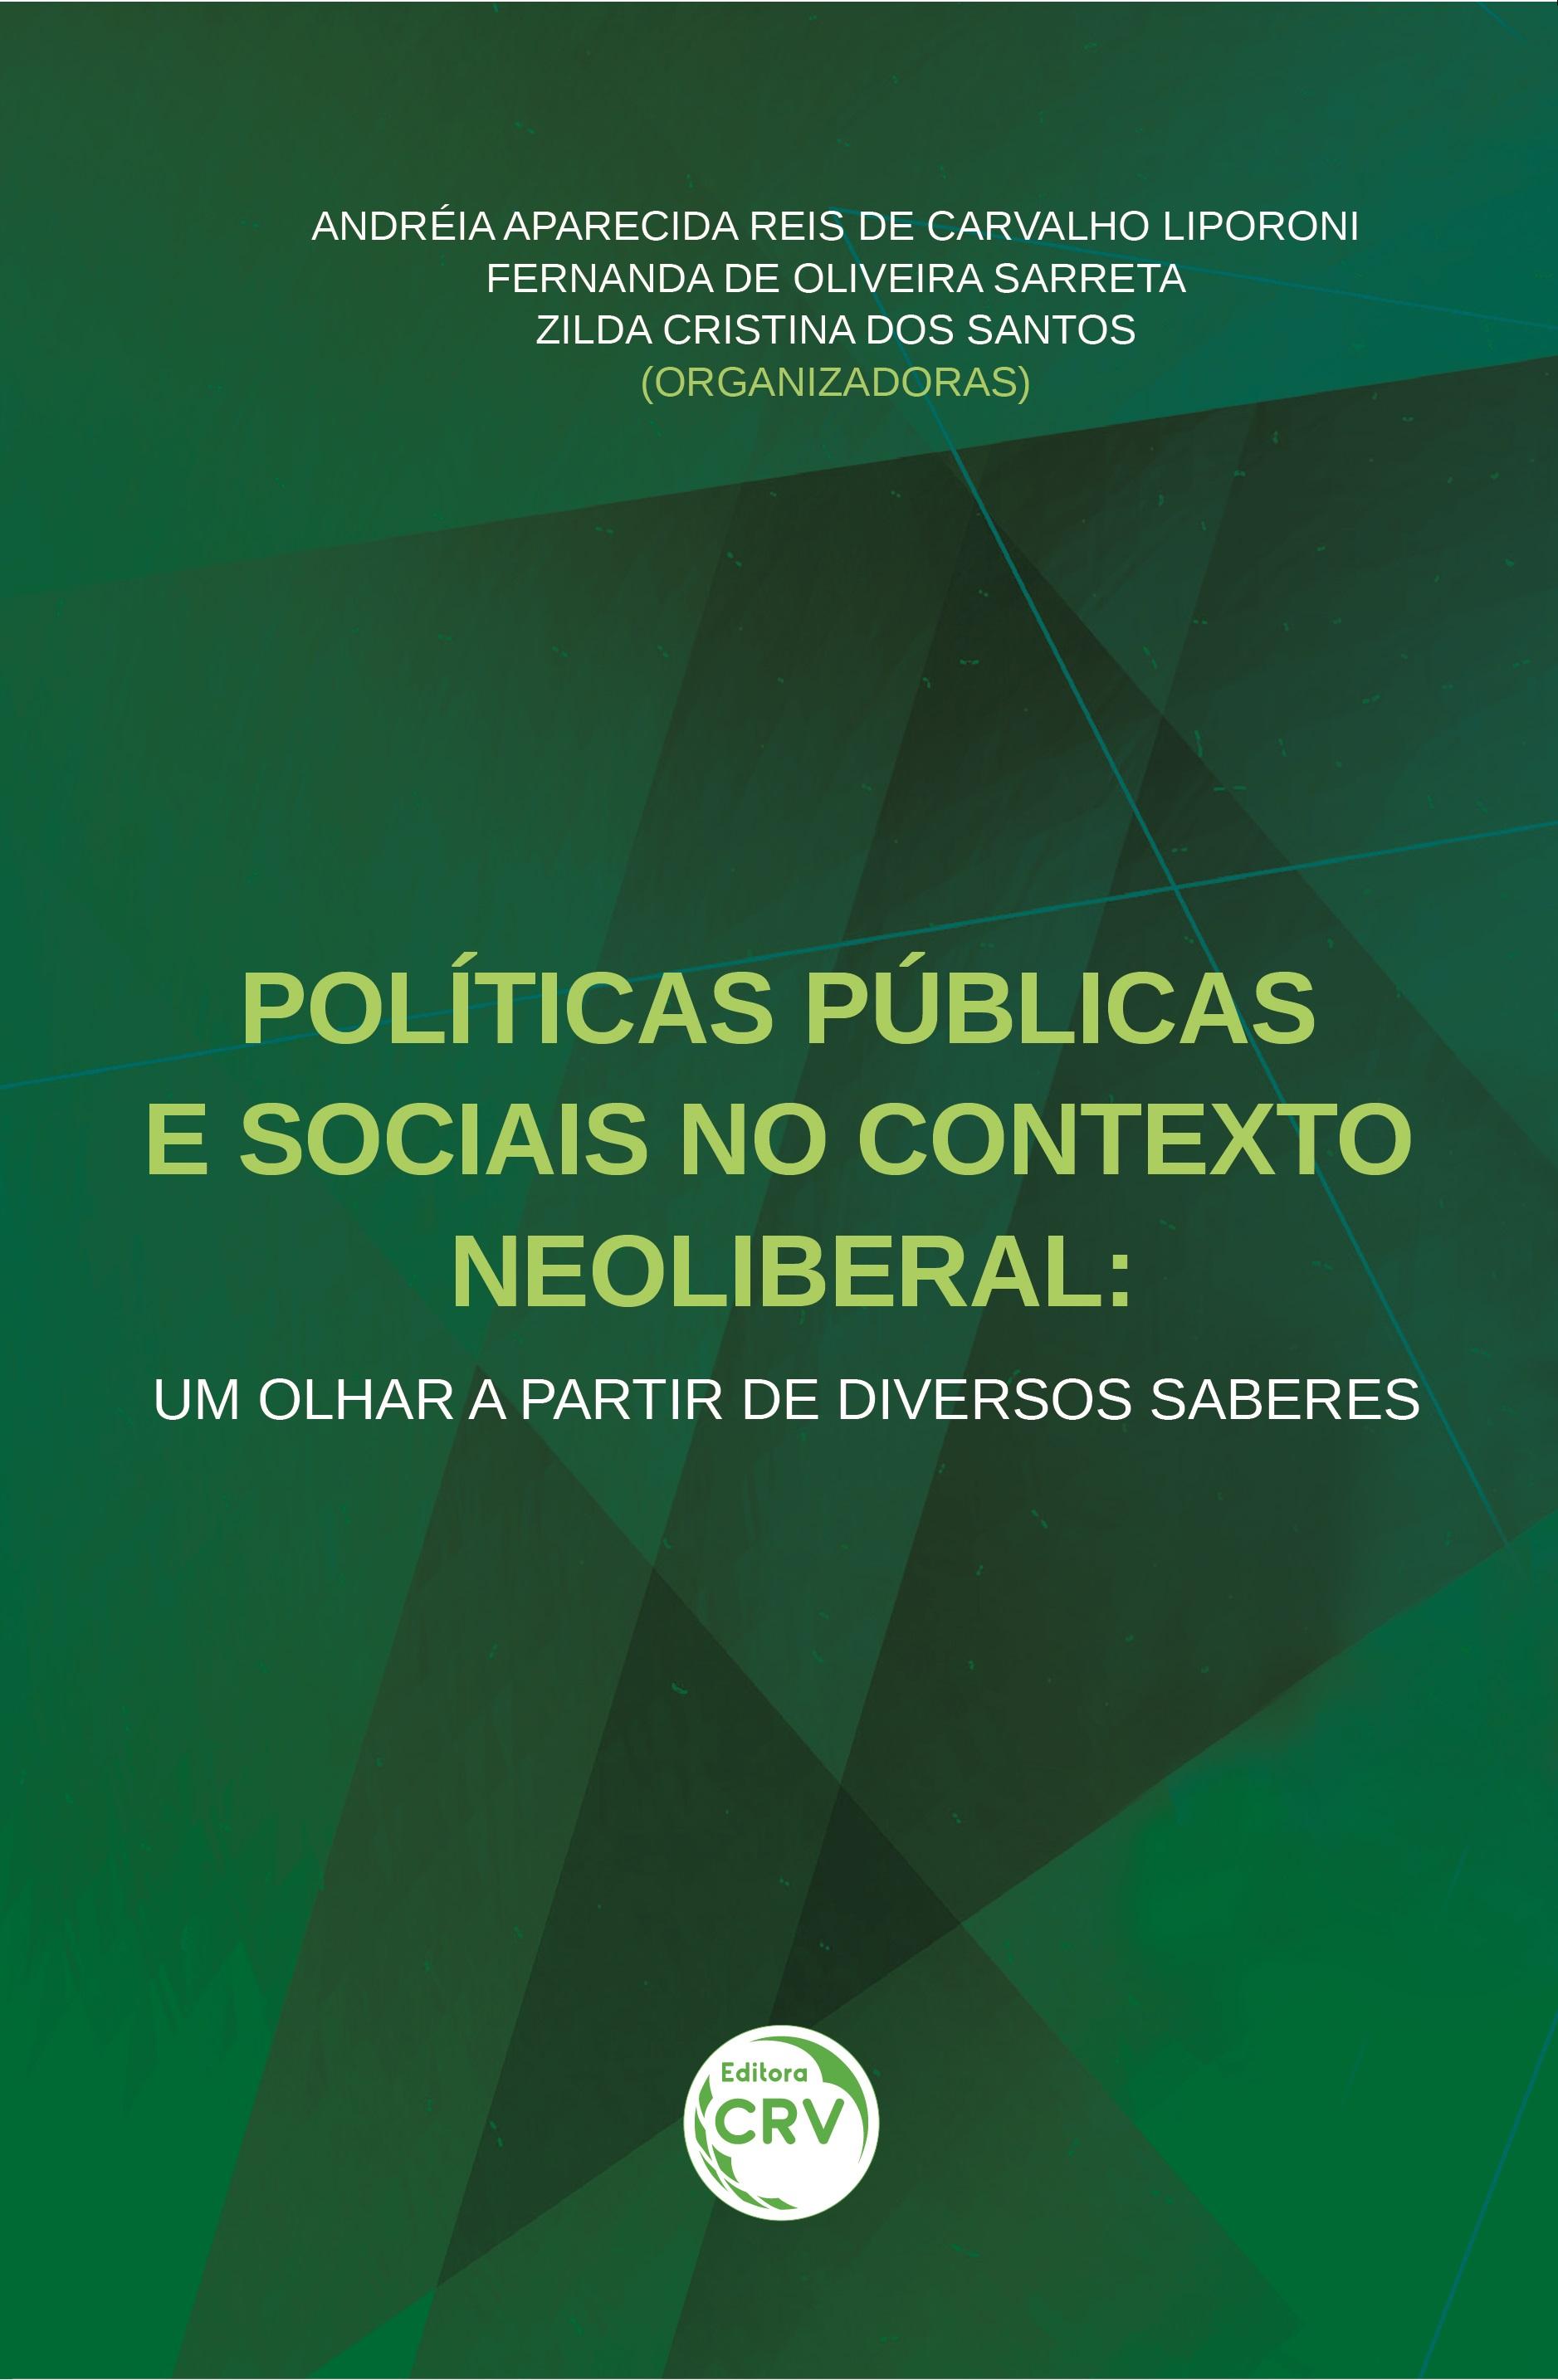 Capa do livro: POLÍTICAS PÚBLICAS E SOCIAIS NO CONTEXTO NEOLIBERAL:<br> um olhar a partir de diversos saberes